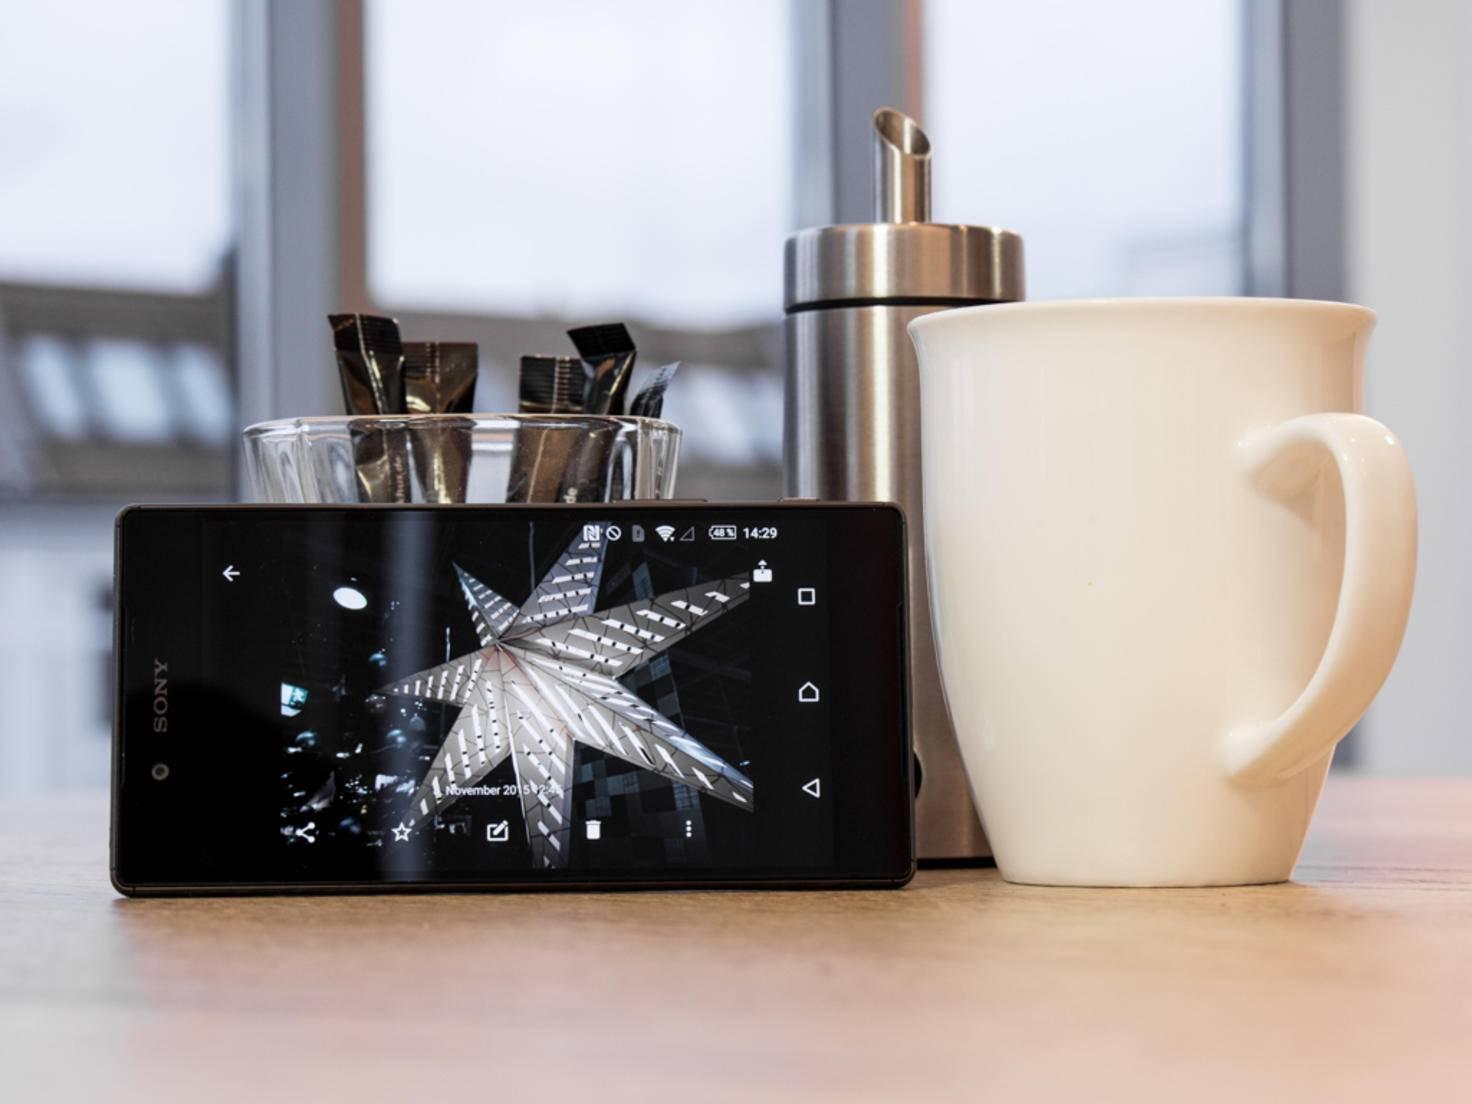 Das Xperia Z5 wird vor allem mit seiner Kamera beworben.